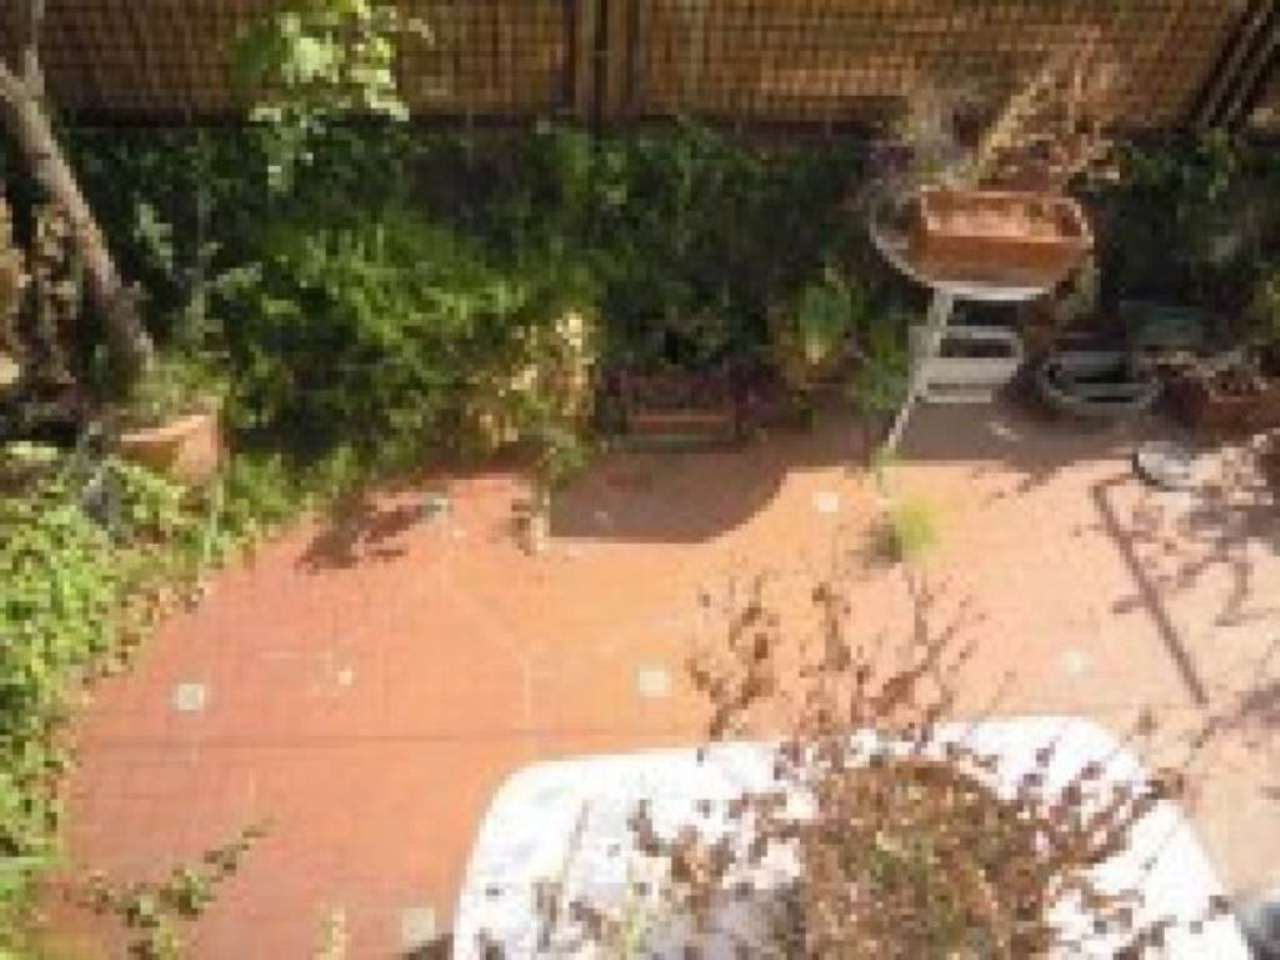 Appartamento in vendita a Recco, 6 locali, prezzo € 260.000 | CambioCasa.it